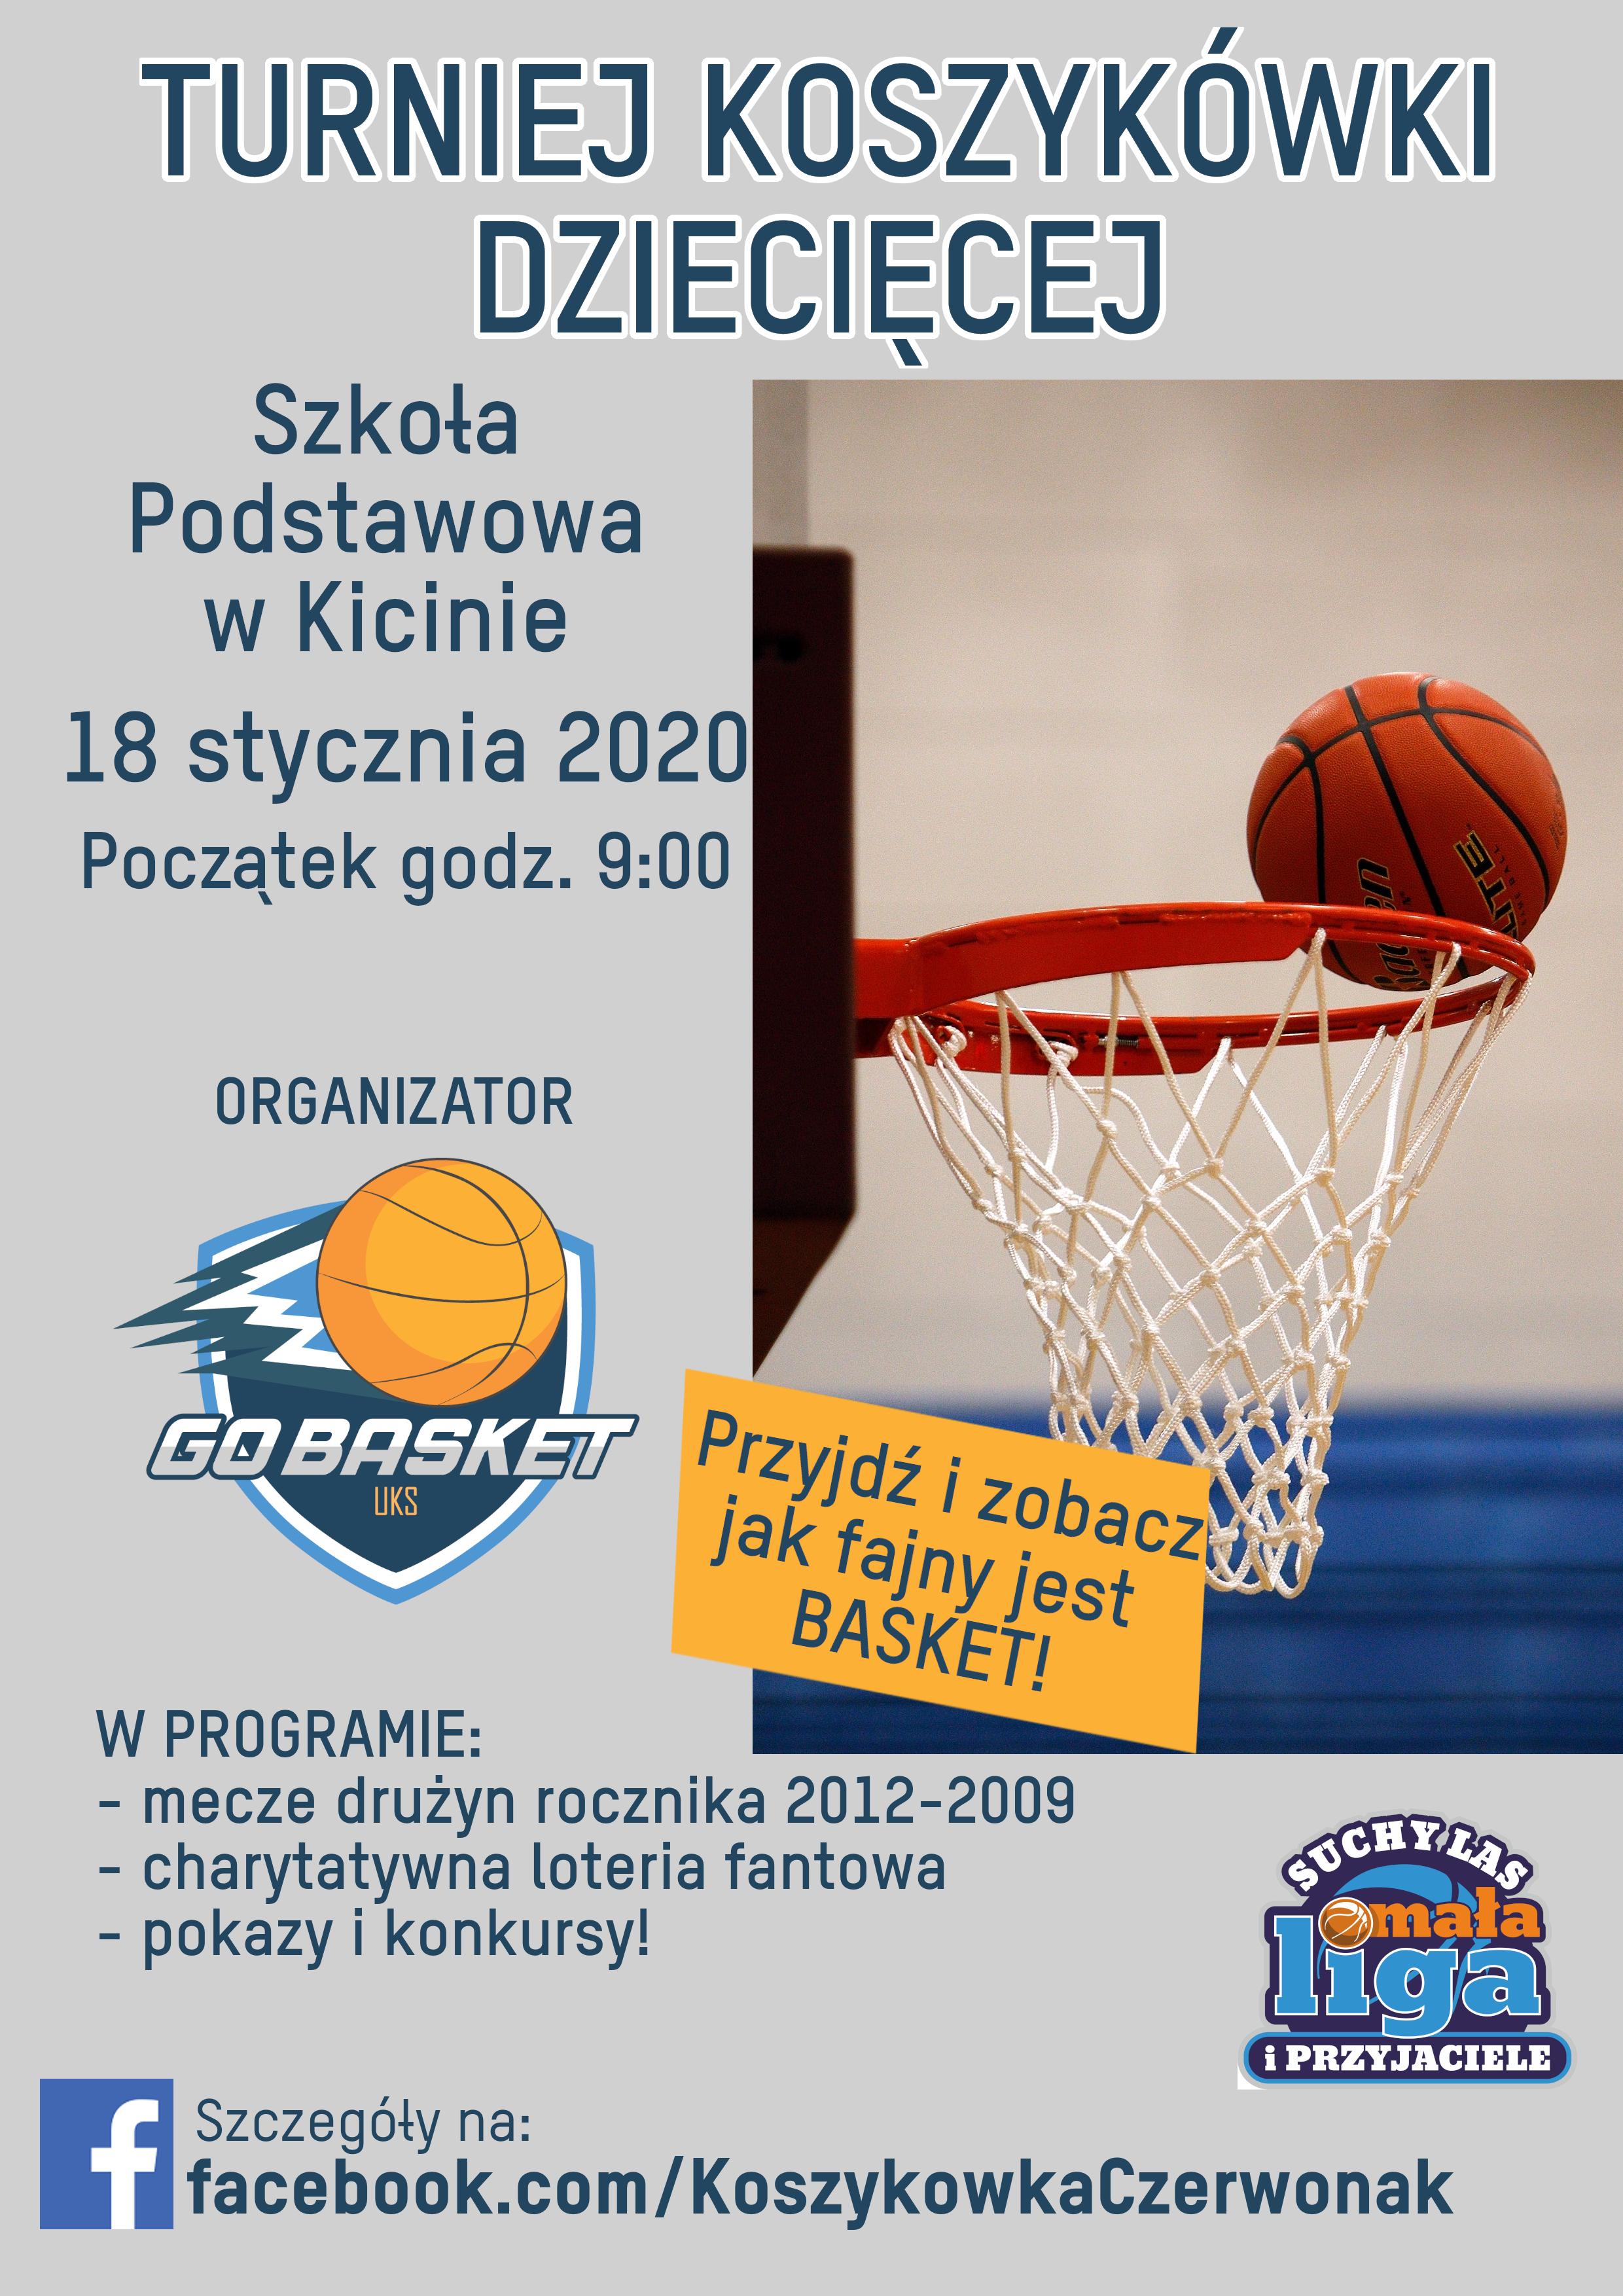 Turniej koszykówki dziecięcej